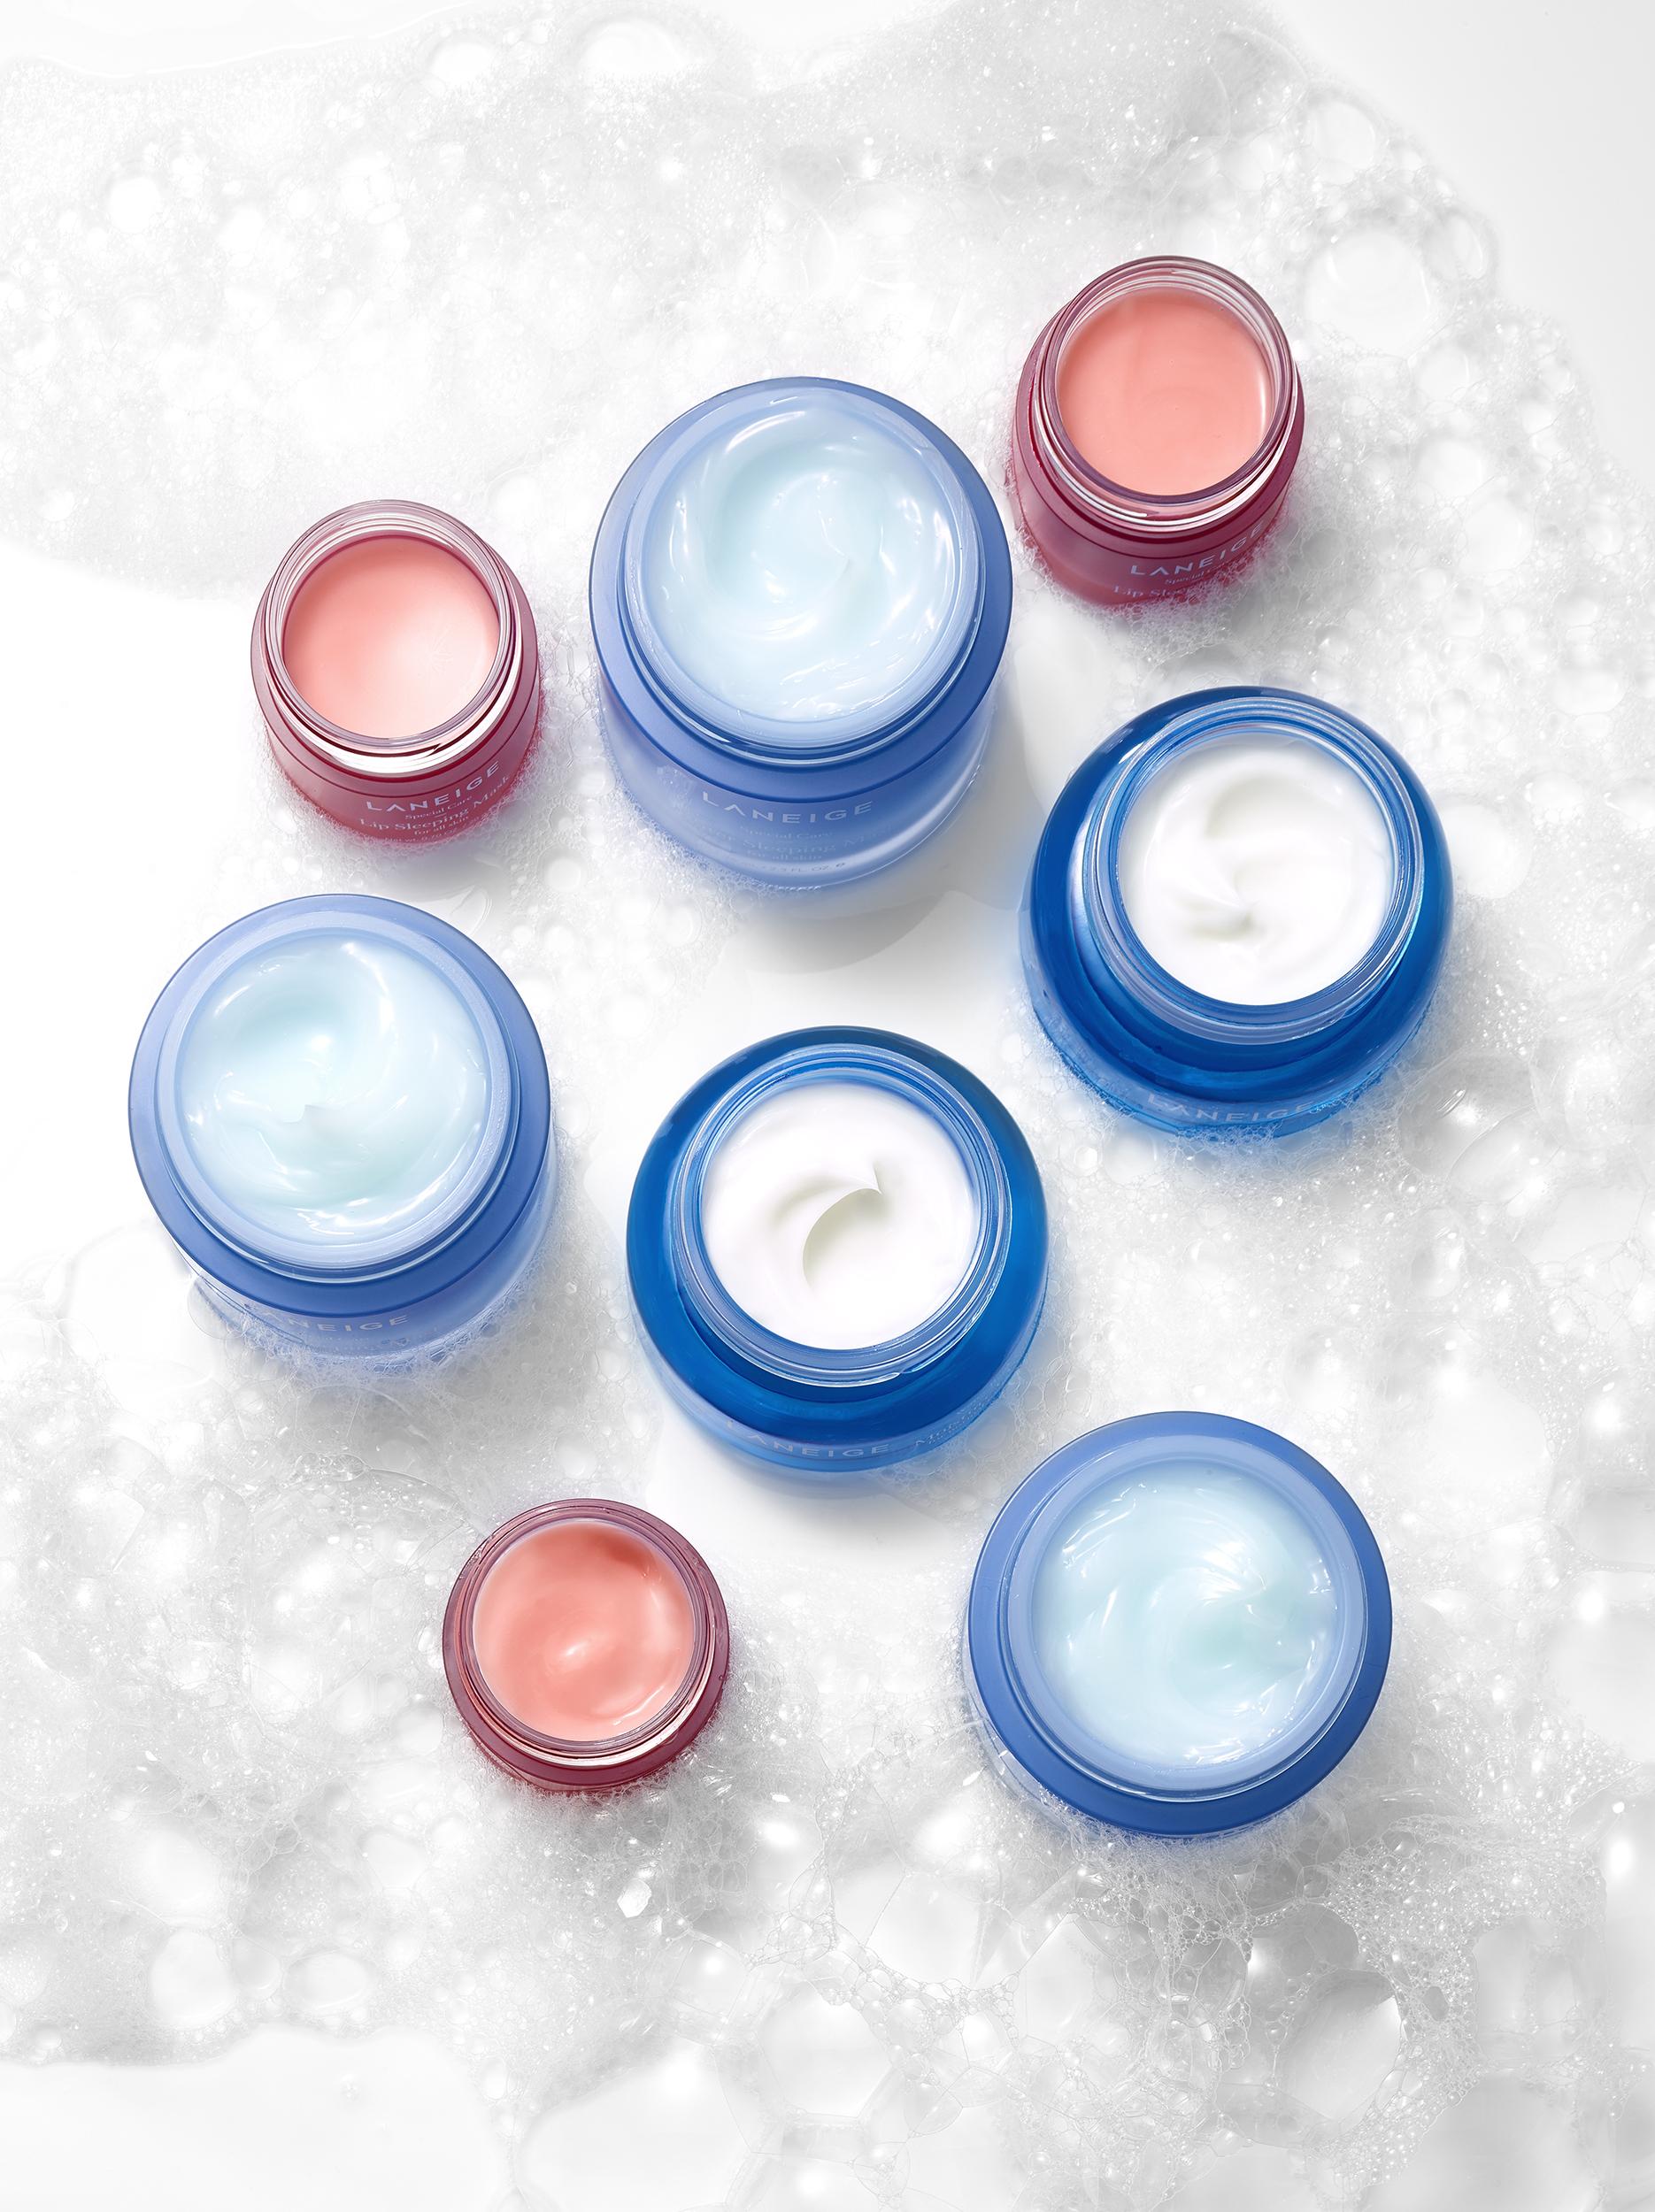 Bubbles-597.jpg